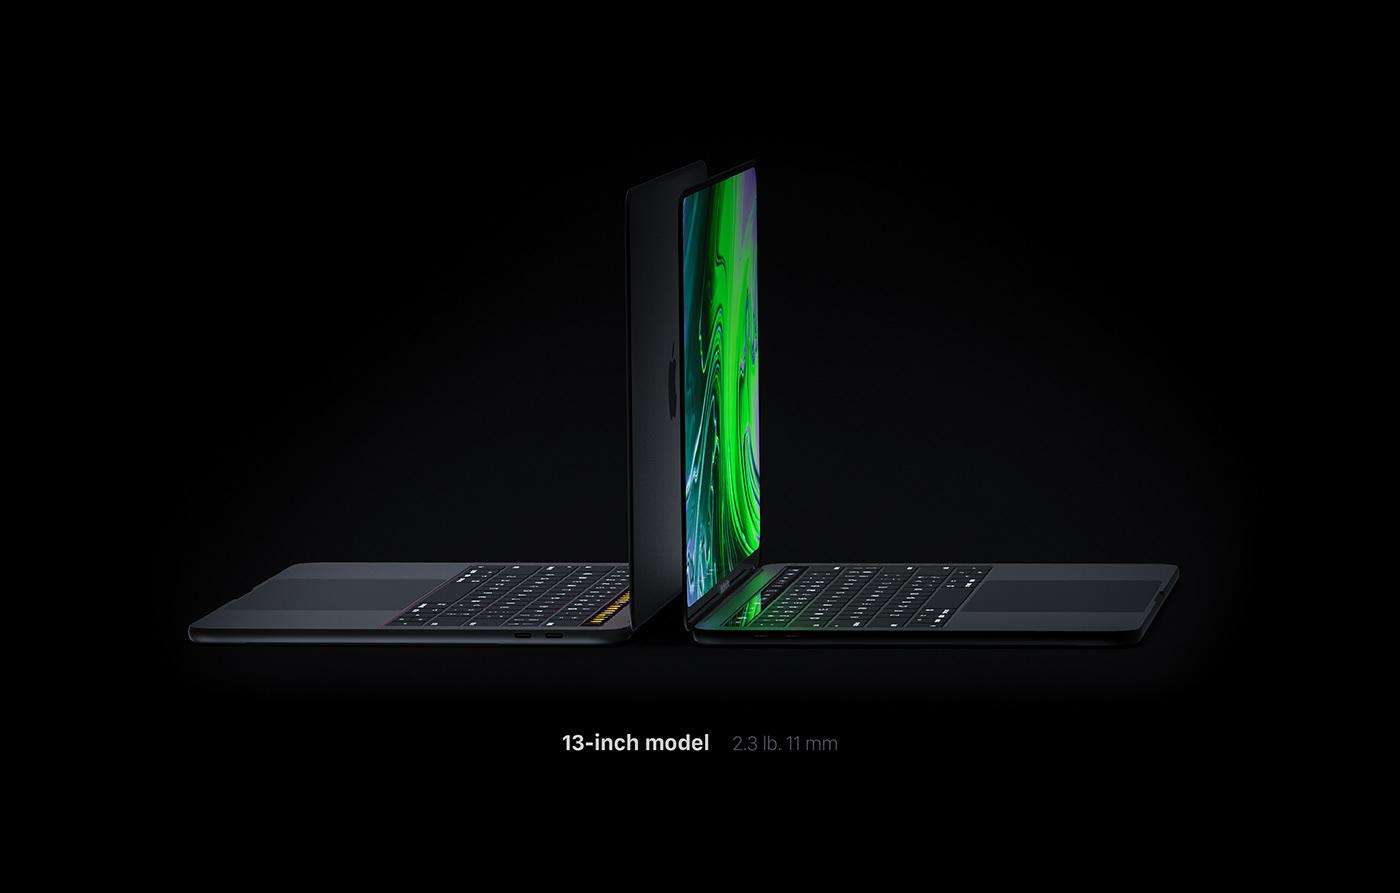 apple macbook macbook pro concept design mac notebook MacBook Pro Concept concept art concept design